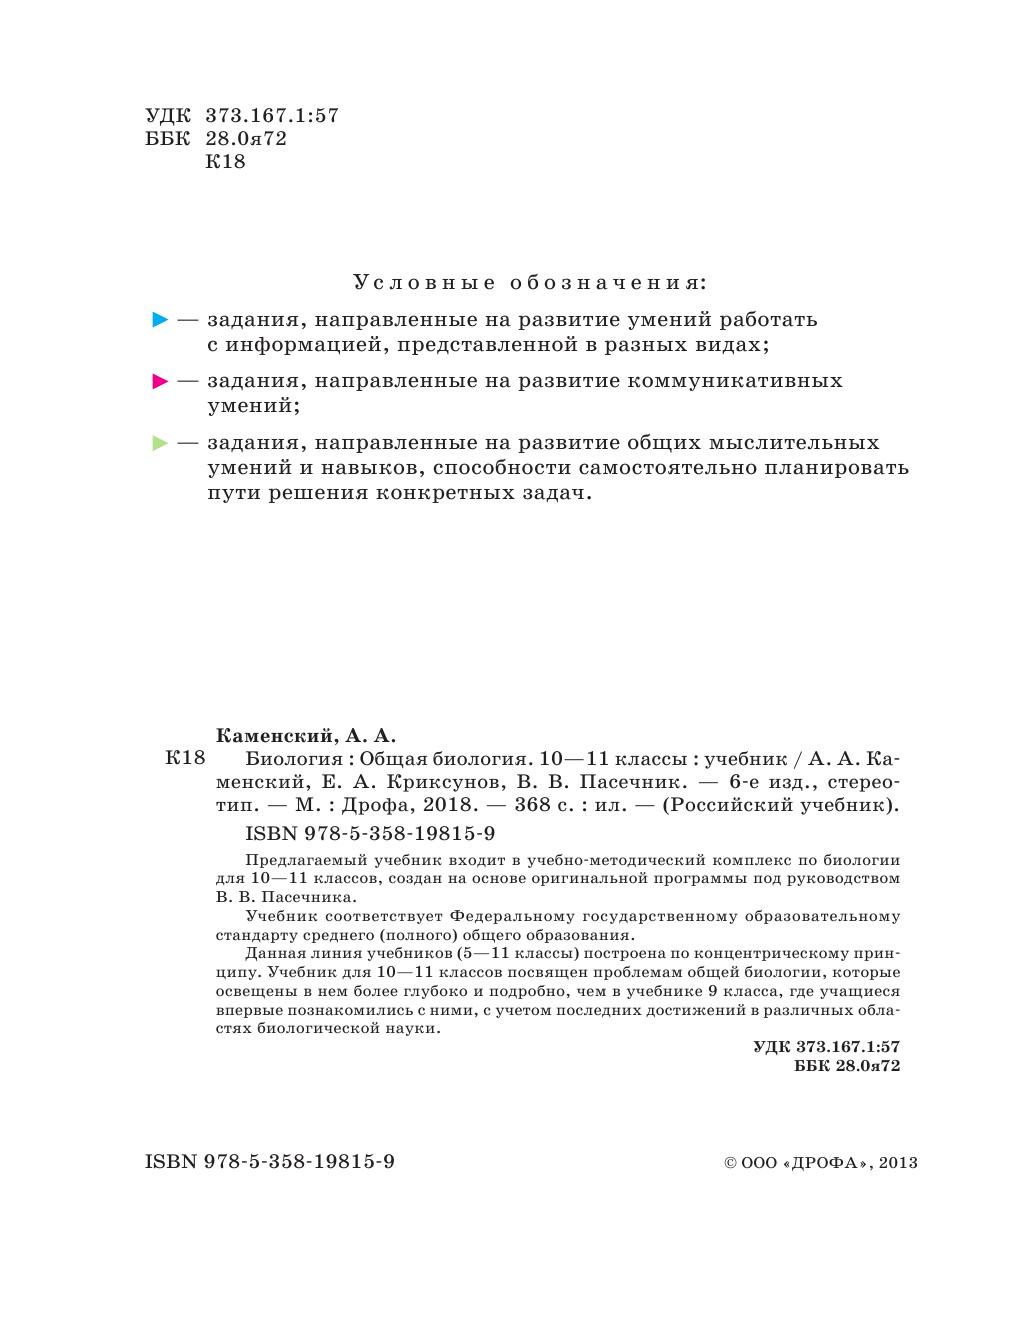 Краткое содержание книги по биологии 9 класса а.а.каменский